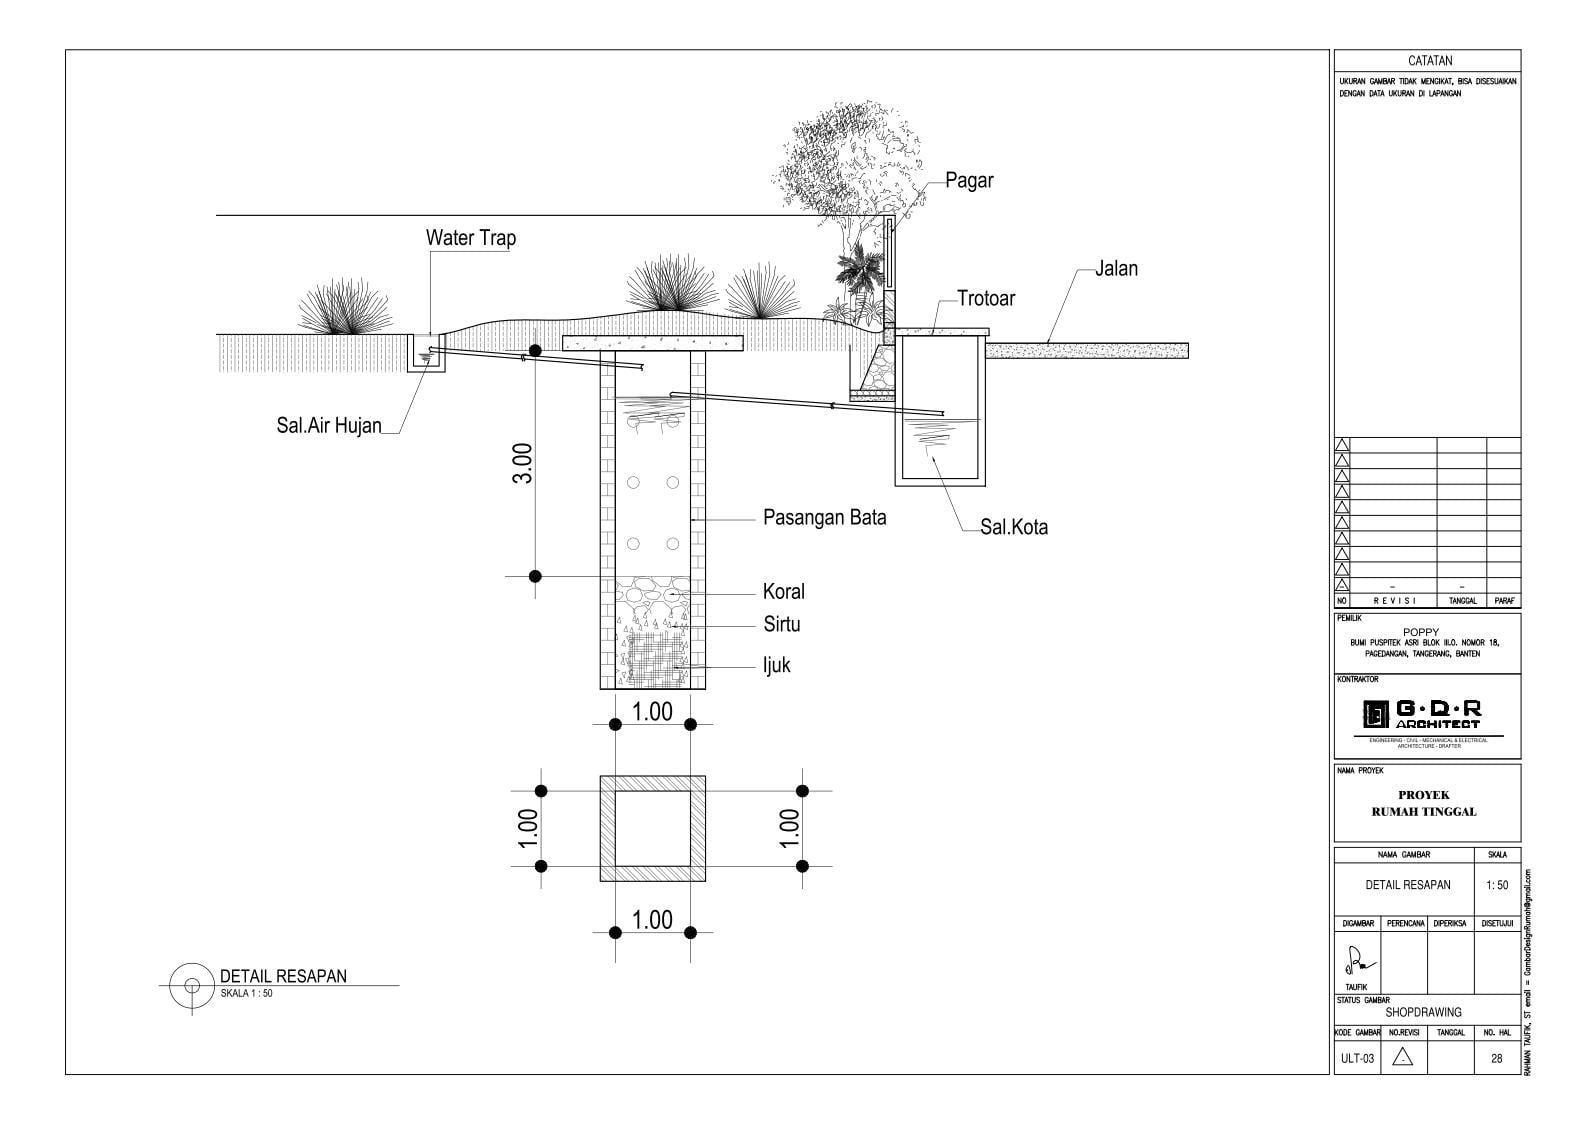 Jasa Desain Rumah Contoh Paket Gambar Kerja 28 DETAIL RESAPAN